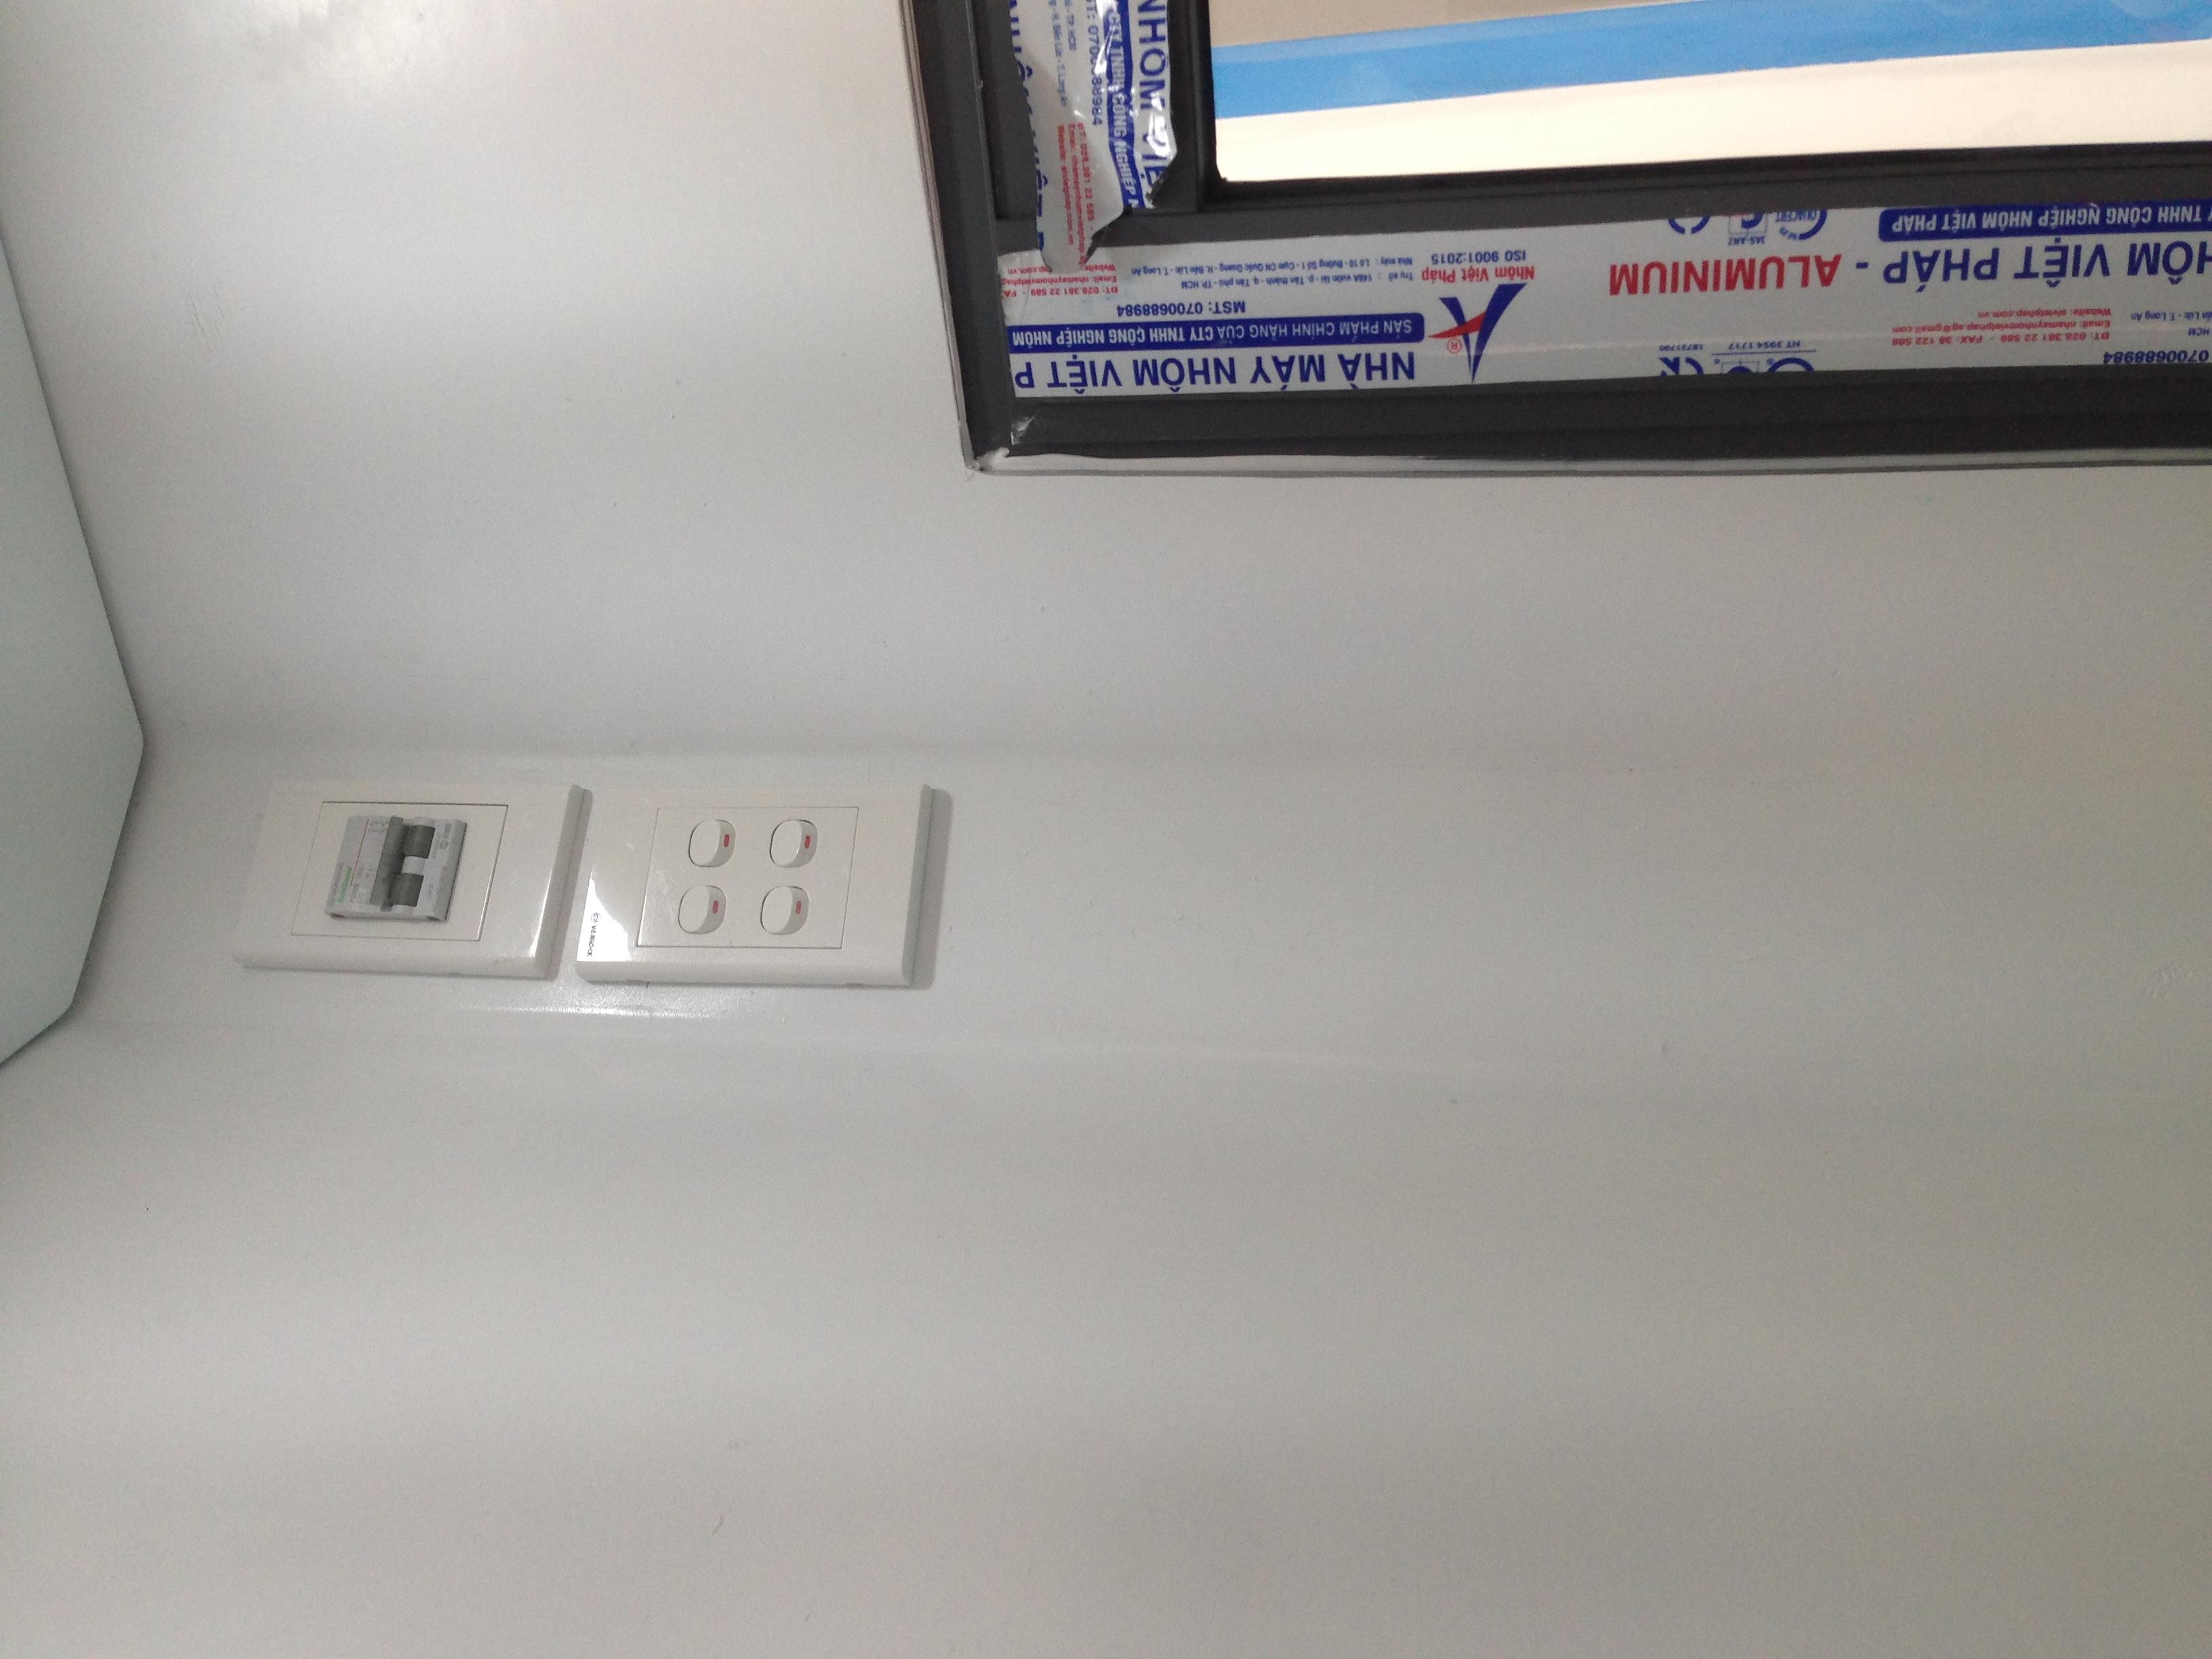 Hệ thống điện âm tường có rơle bảo vệ